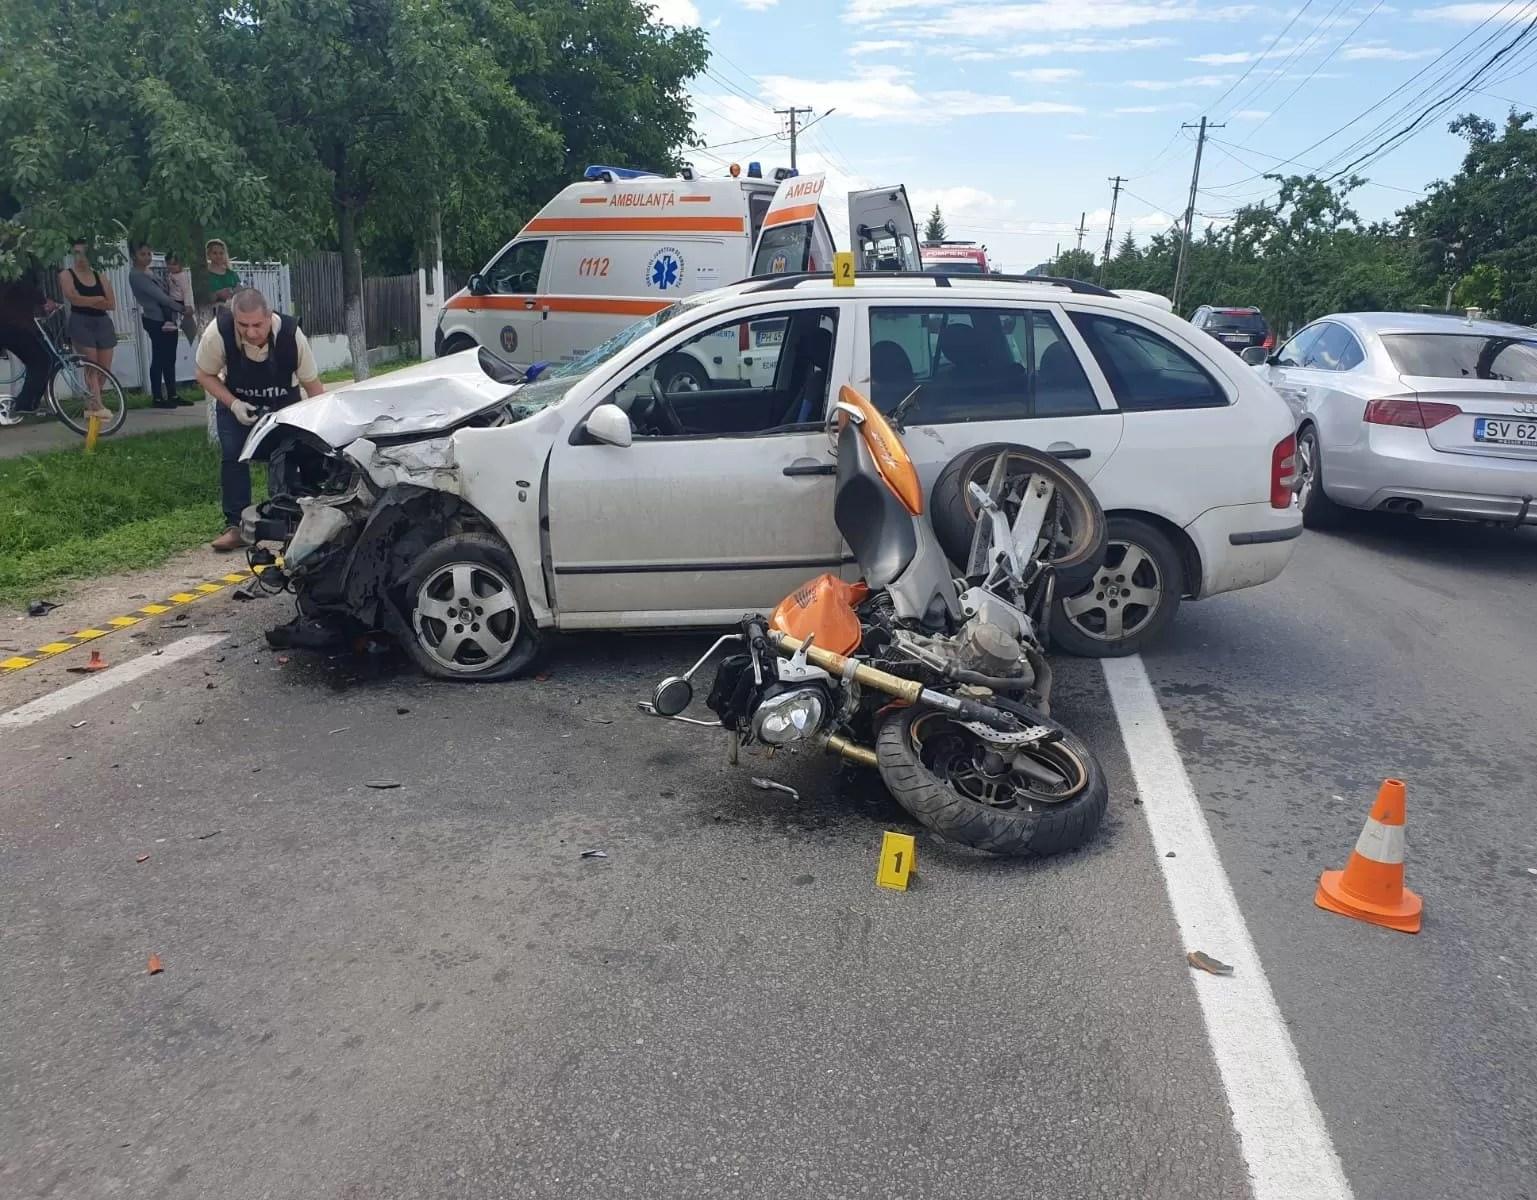 Motociclist, accidentat la Gura Vitioarei, a suferit amnezie retrogradă din cauza rănirii